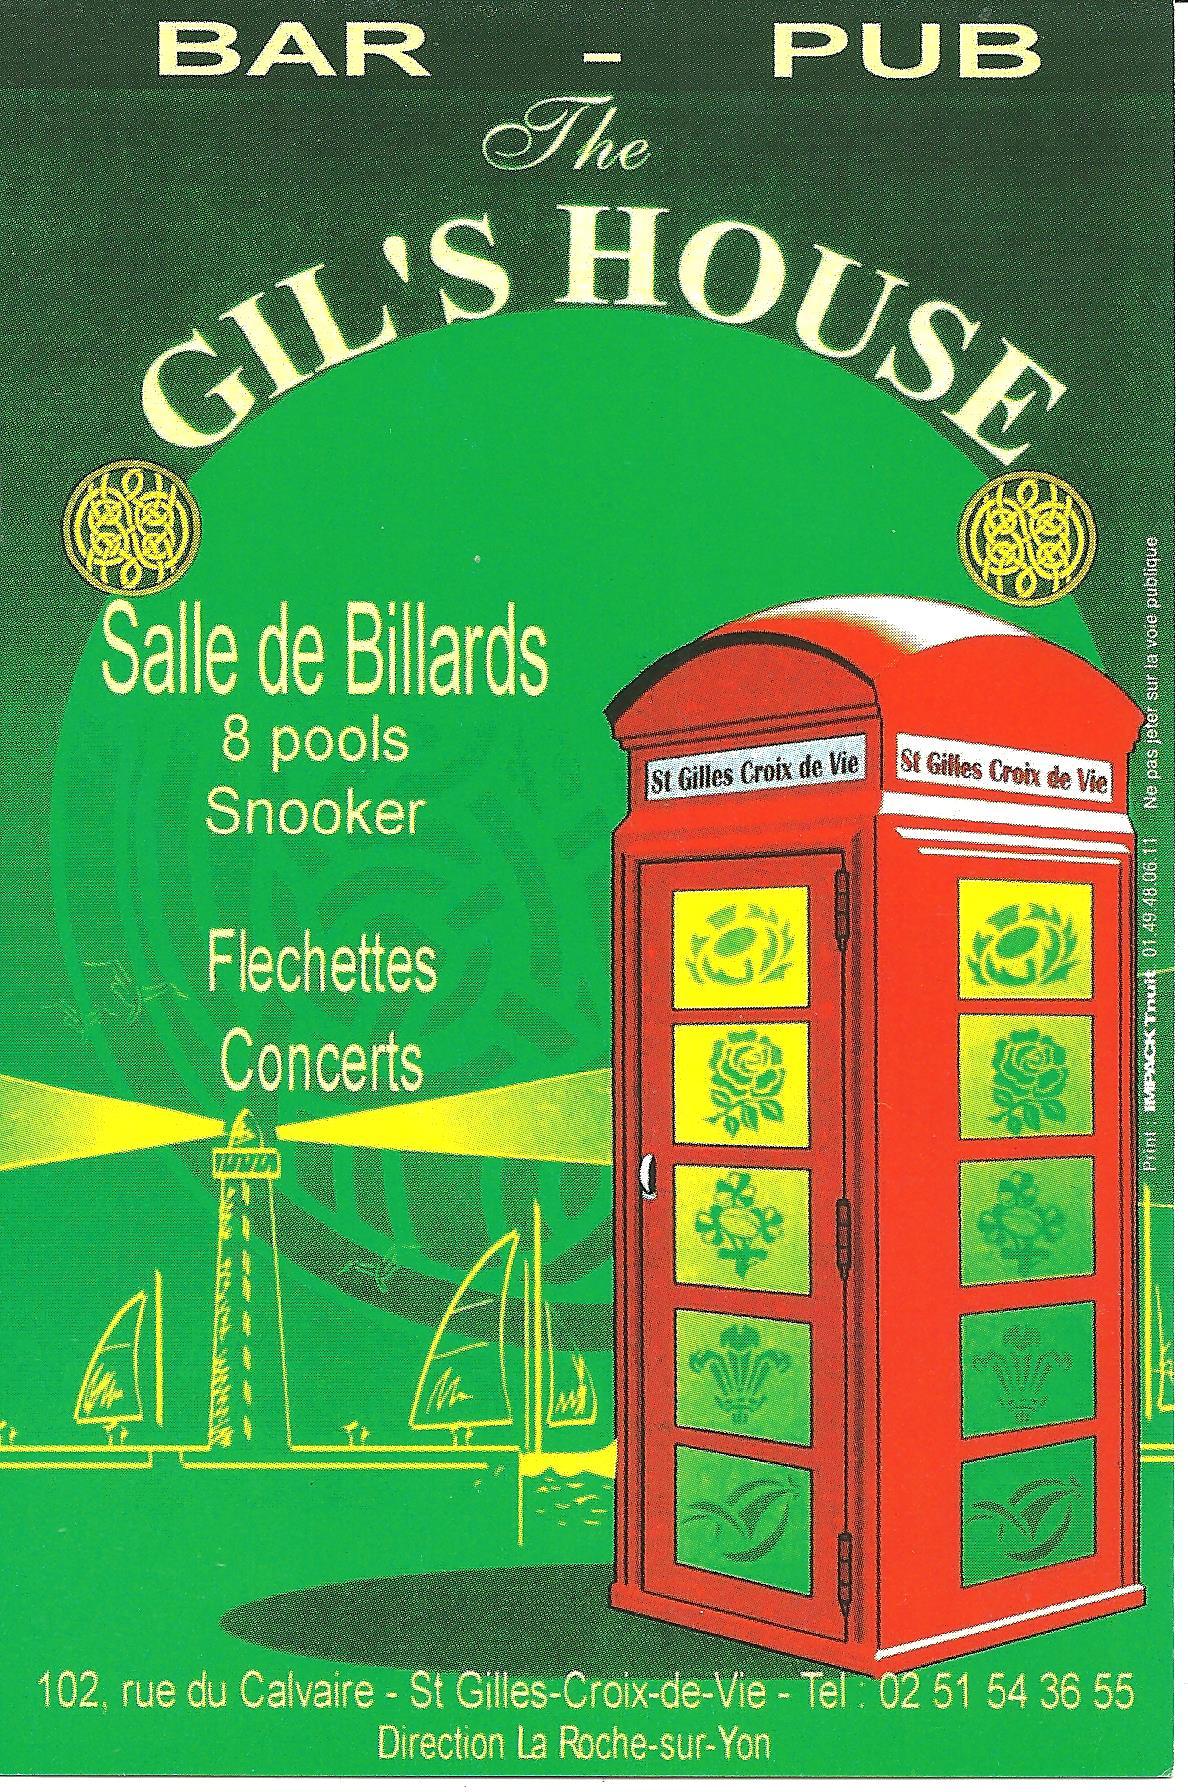 Gil's House